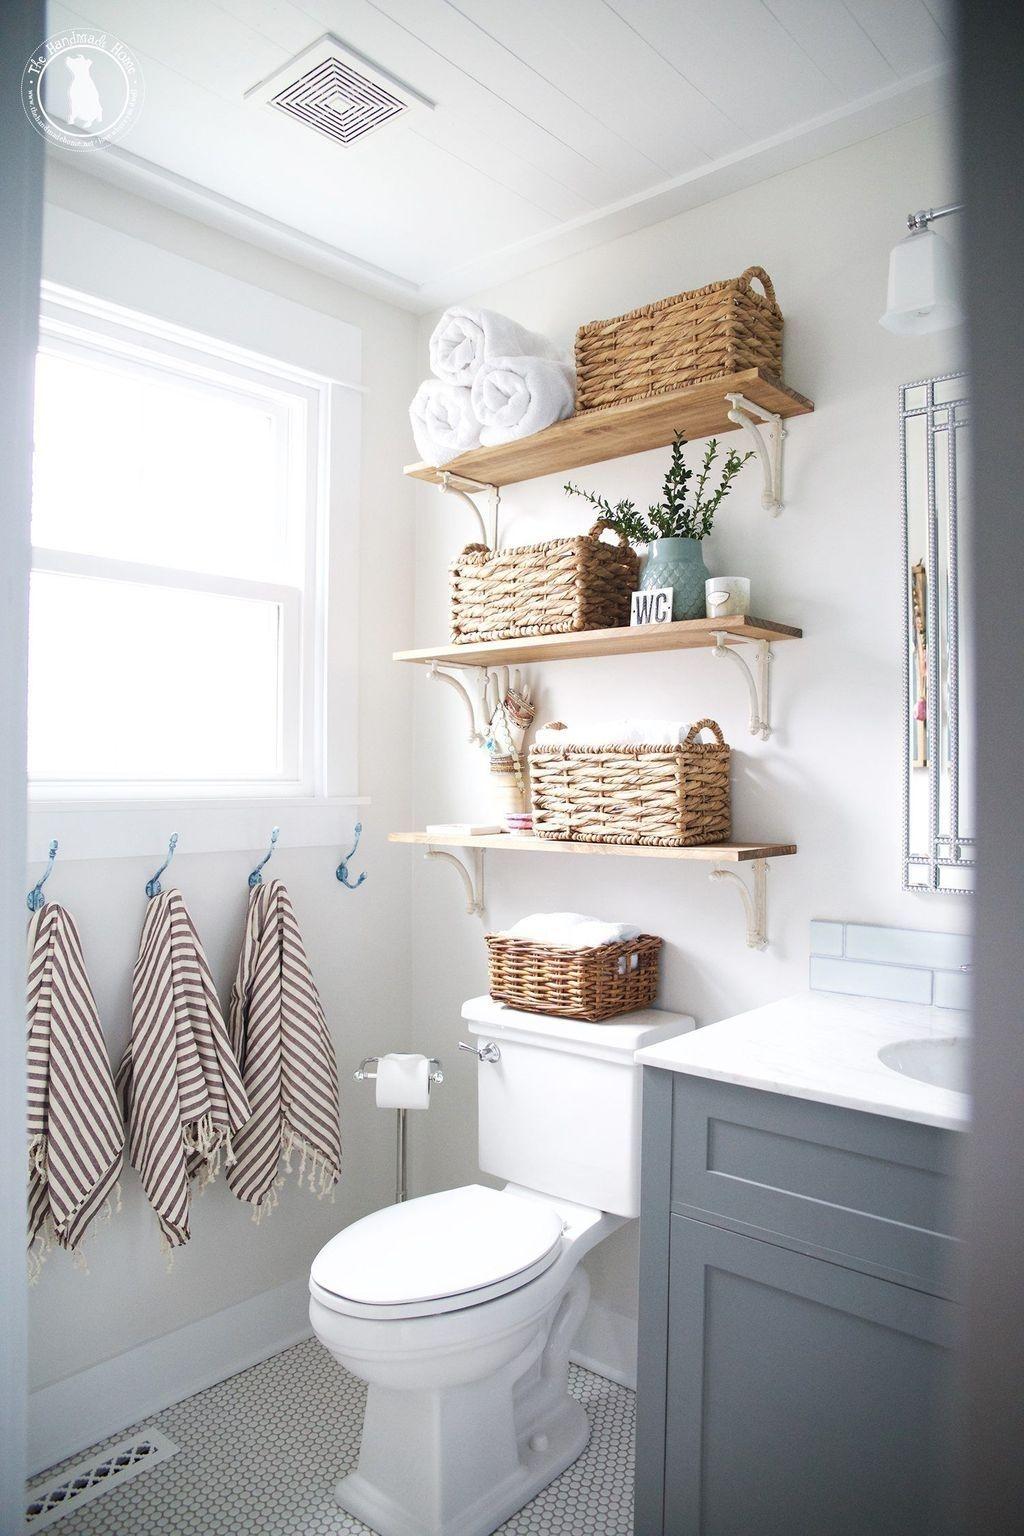 Enchanting Bathroom Storage Ideas For Your Organization14